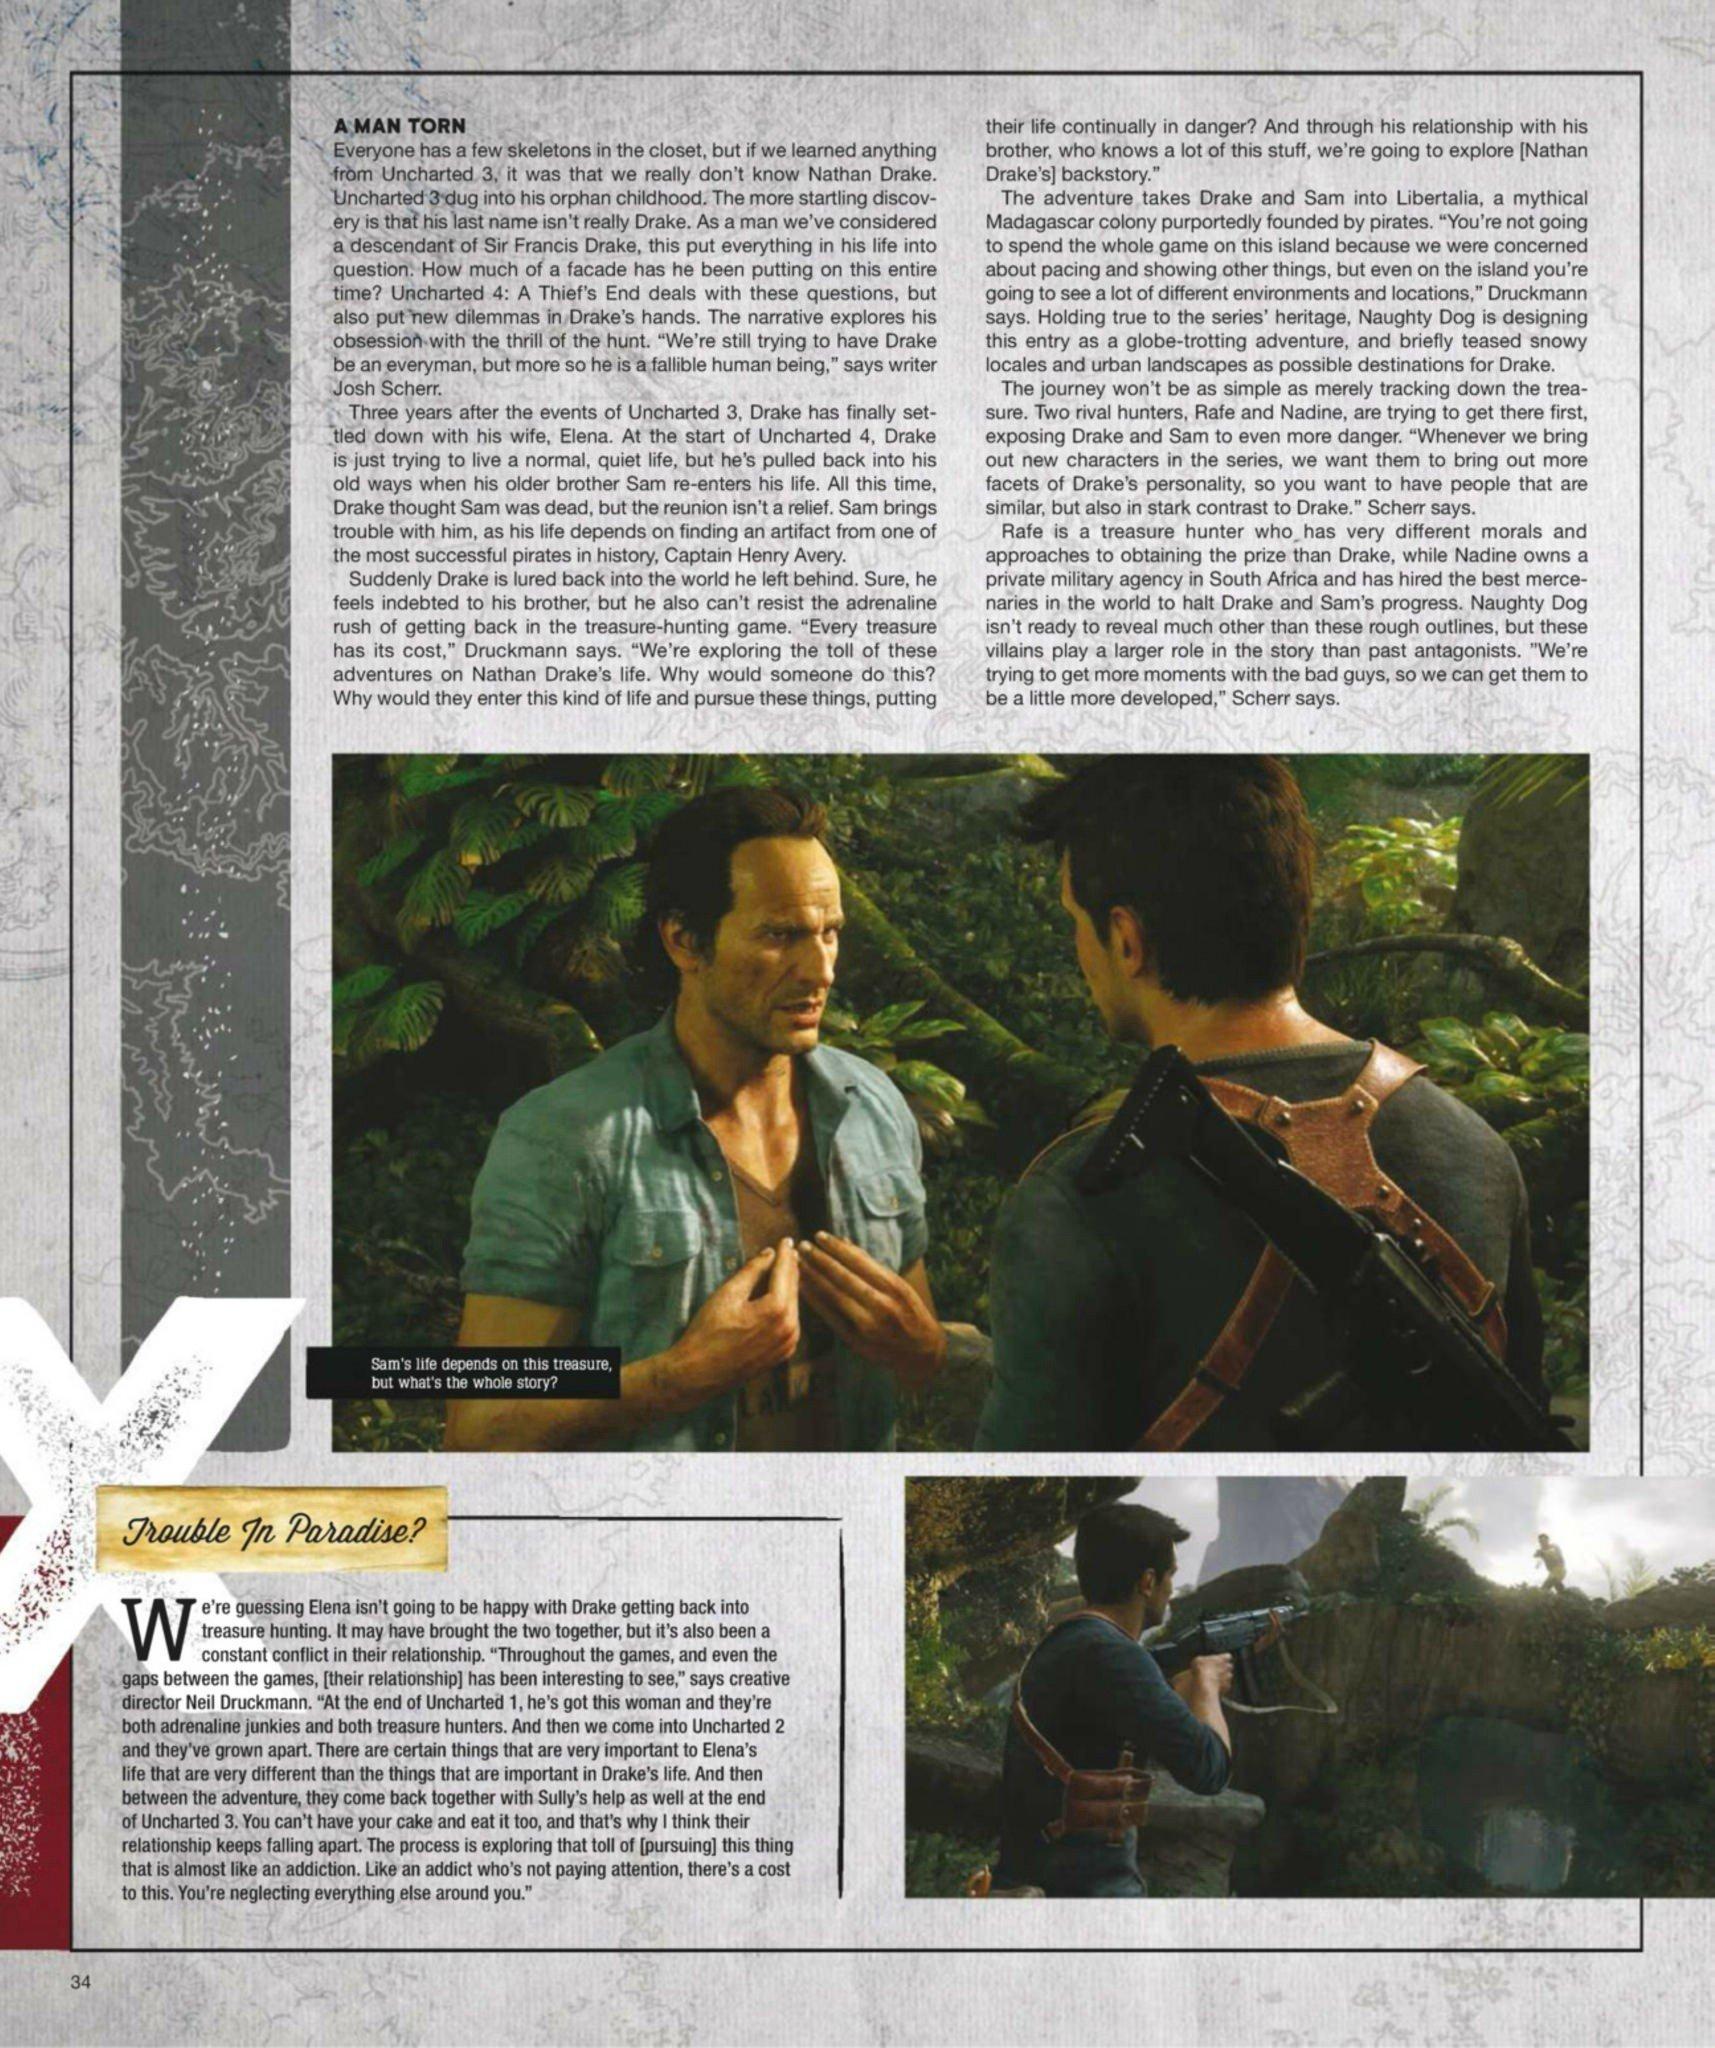 Сканы Uncharted 4: A Thief's End из свежего номера Game Informer  - Изображение 6